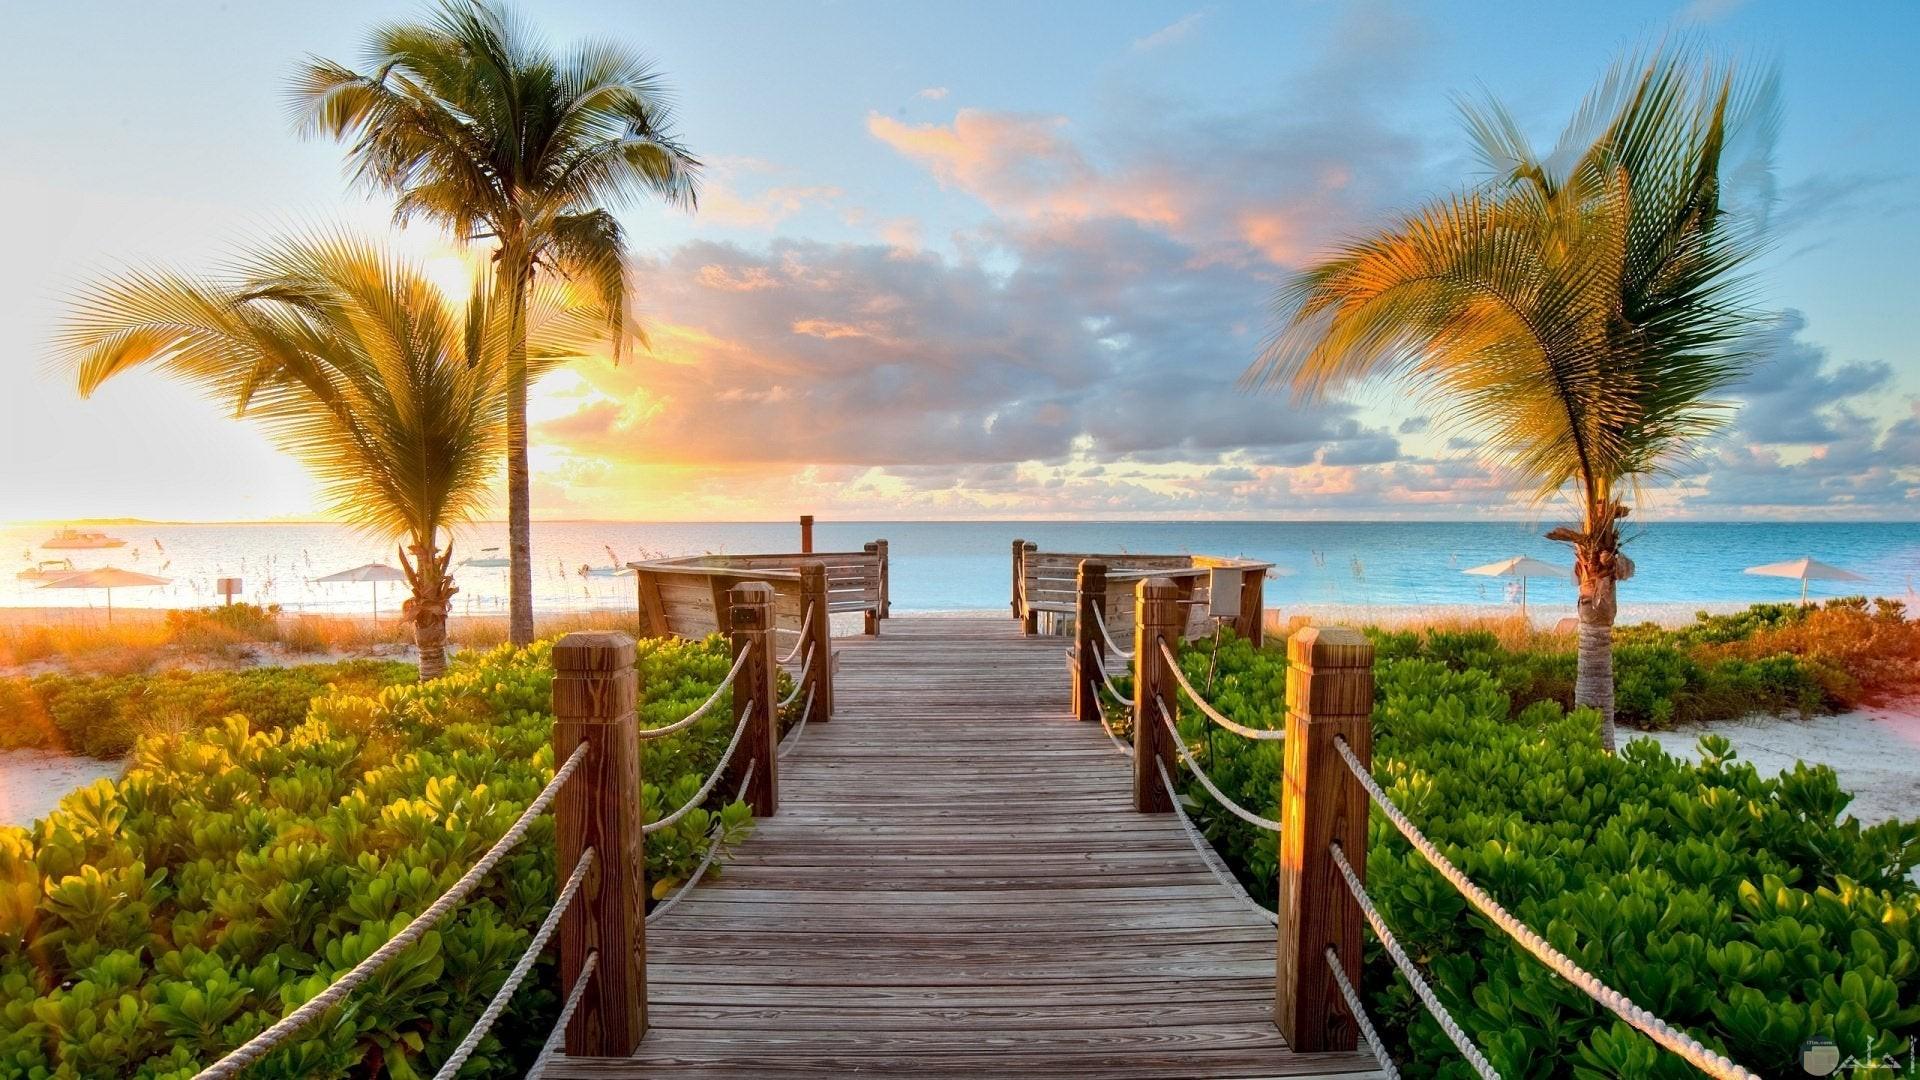 صورة رائعه بها جسر على البحر محاط بالشجر والنخيل